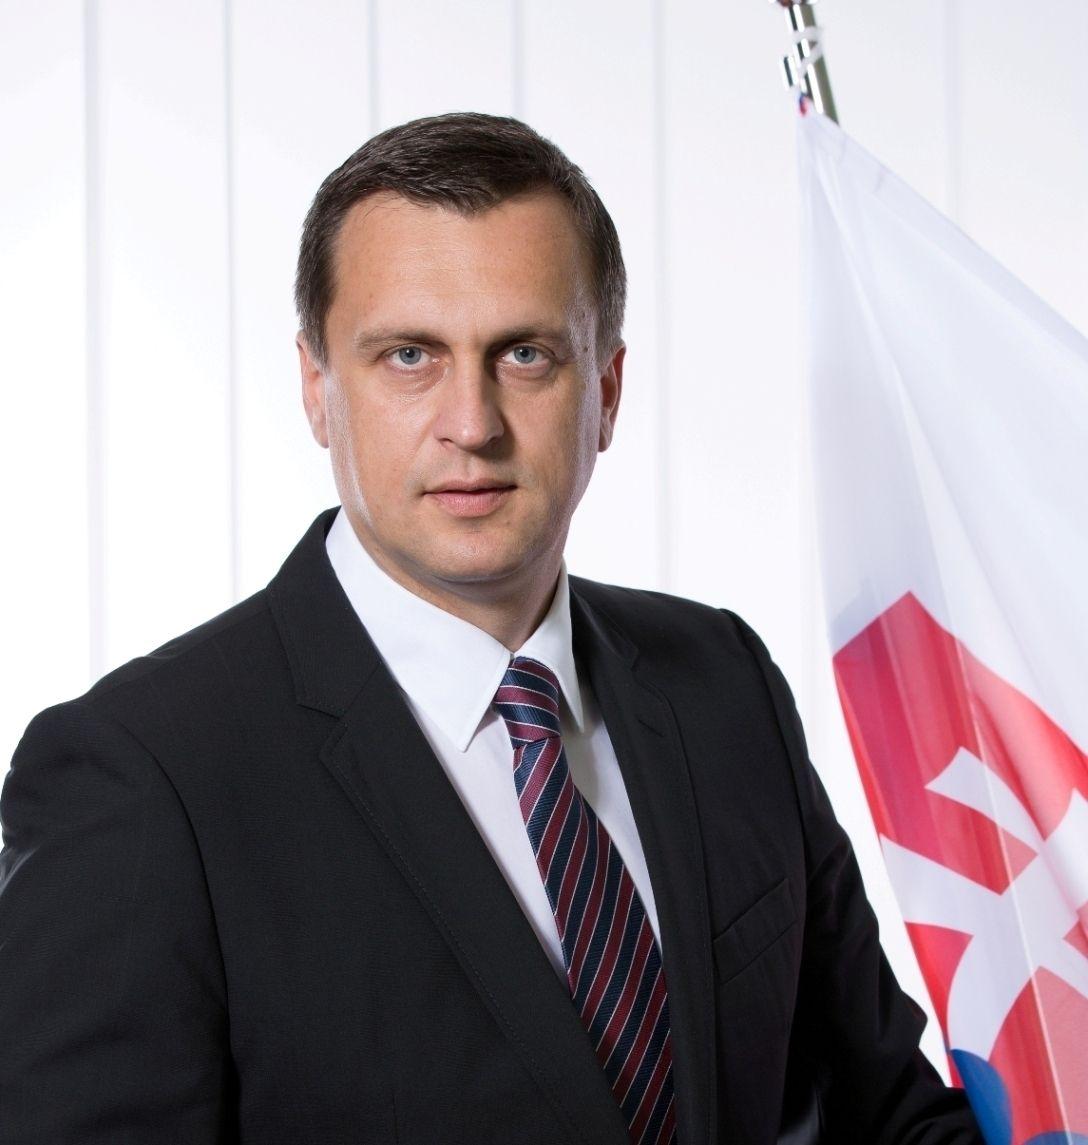 Plágiumgyanú miatt vizsgálták a szlovák házelnök diplomamunkáját